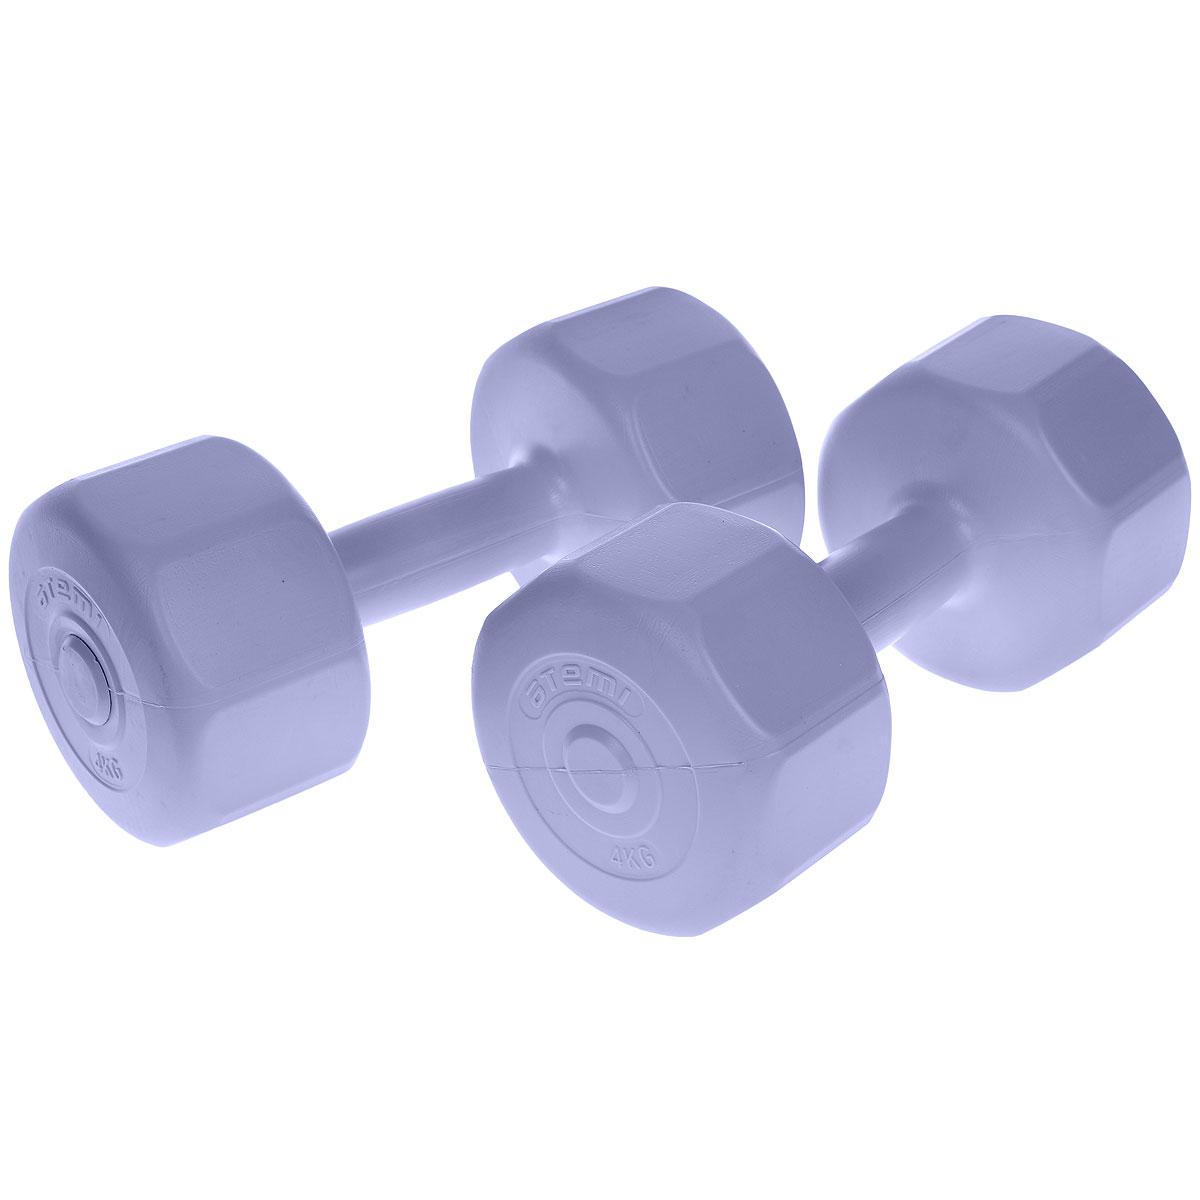 Гантели виниловые Atemi, цвет: фиолетовый, 4 кг, 2 штSF 0085Гантели Atemi специальной формы против качения идеально подходят как для тренировок дома, так и в офисе. Гантели помогают укрепить мышцы рук, грудной клетки, верхней части спины и плеч.